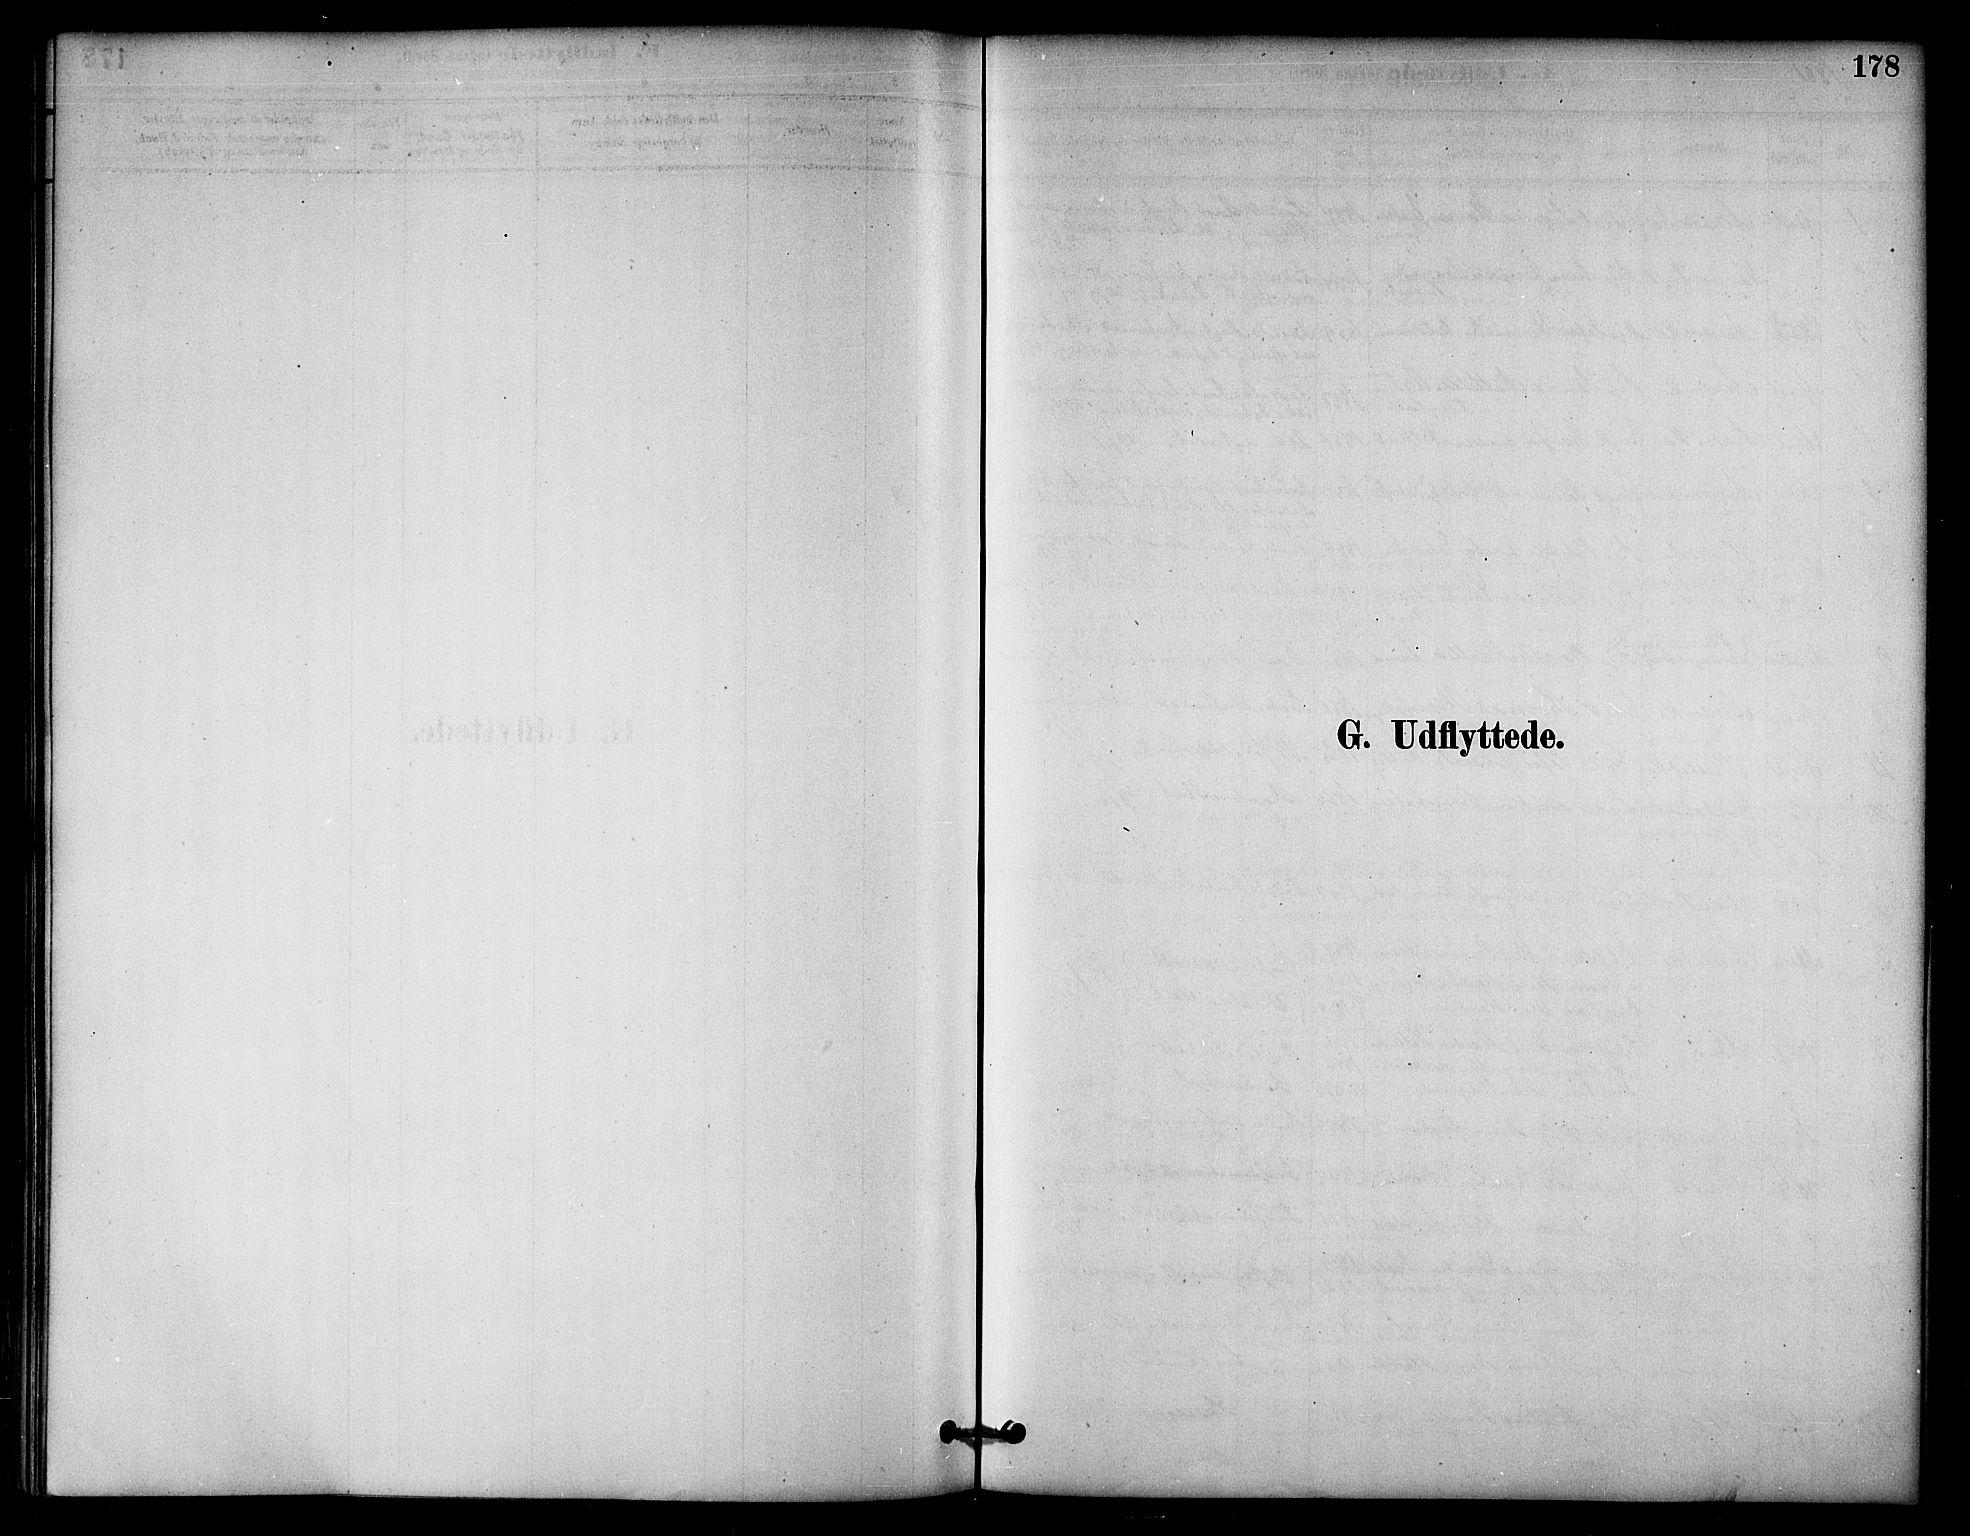 SAT, Ministerialprotokoller, klokkerbøker og fødselsregistre - Nord-Trøndelag, 764/L0555: Ministerialbok nr. 764A10, 1881-1896, s. 178